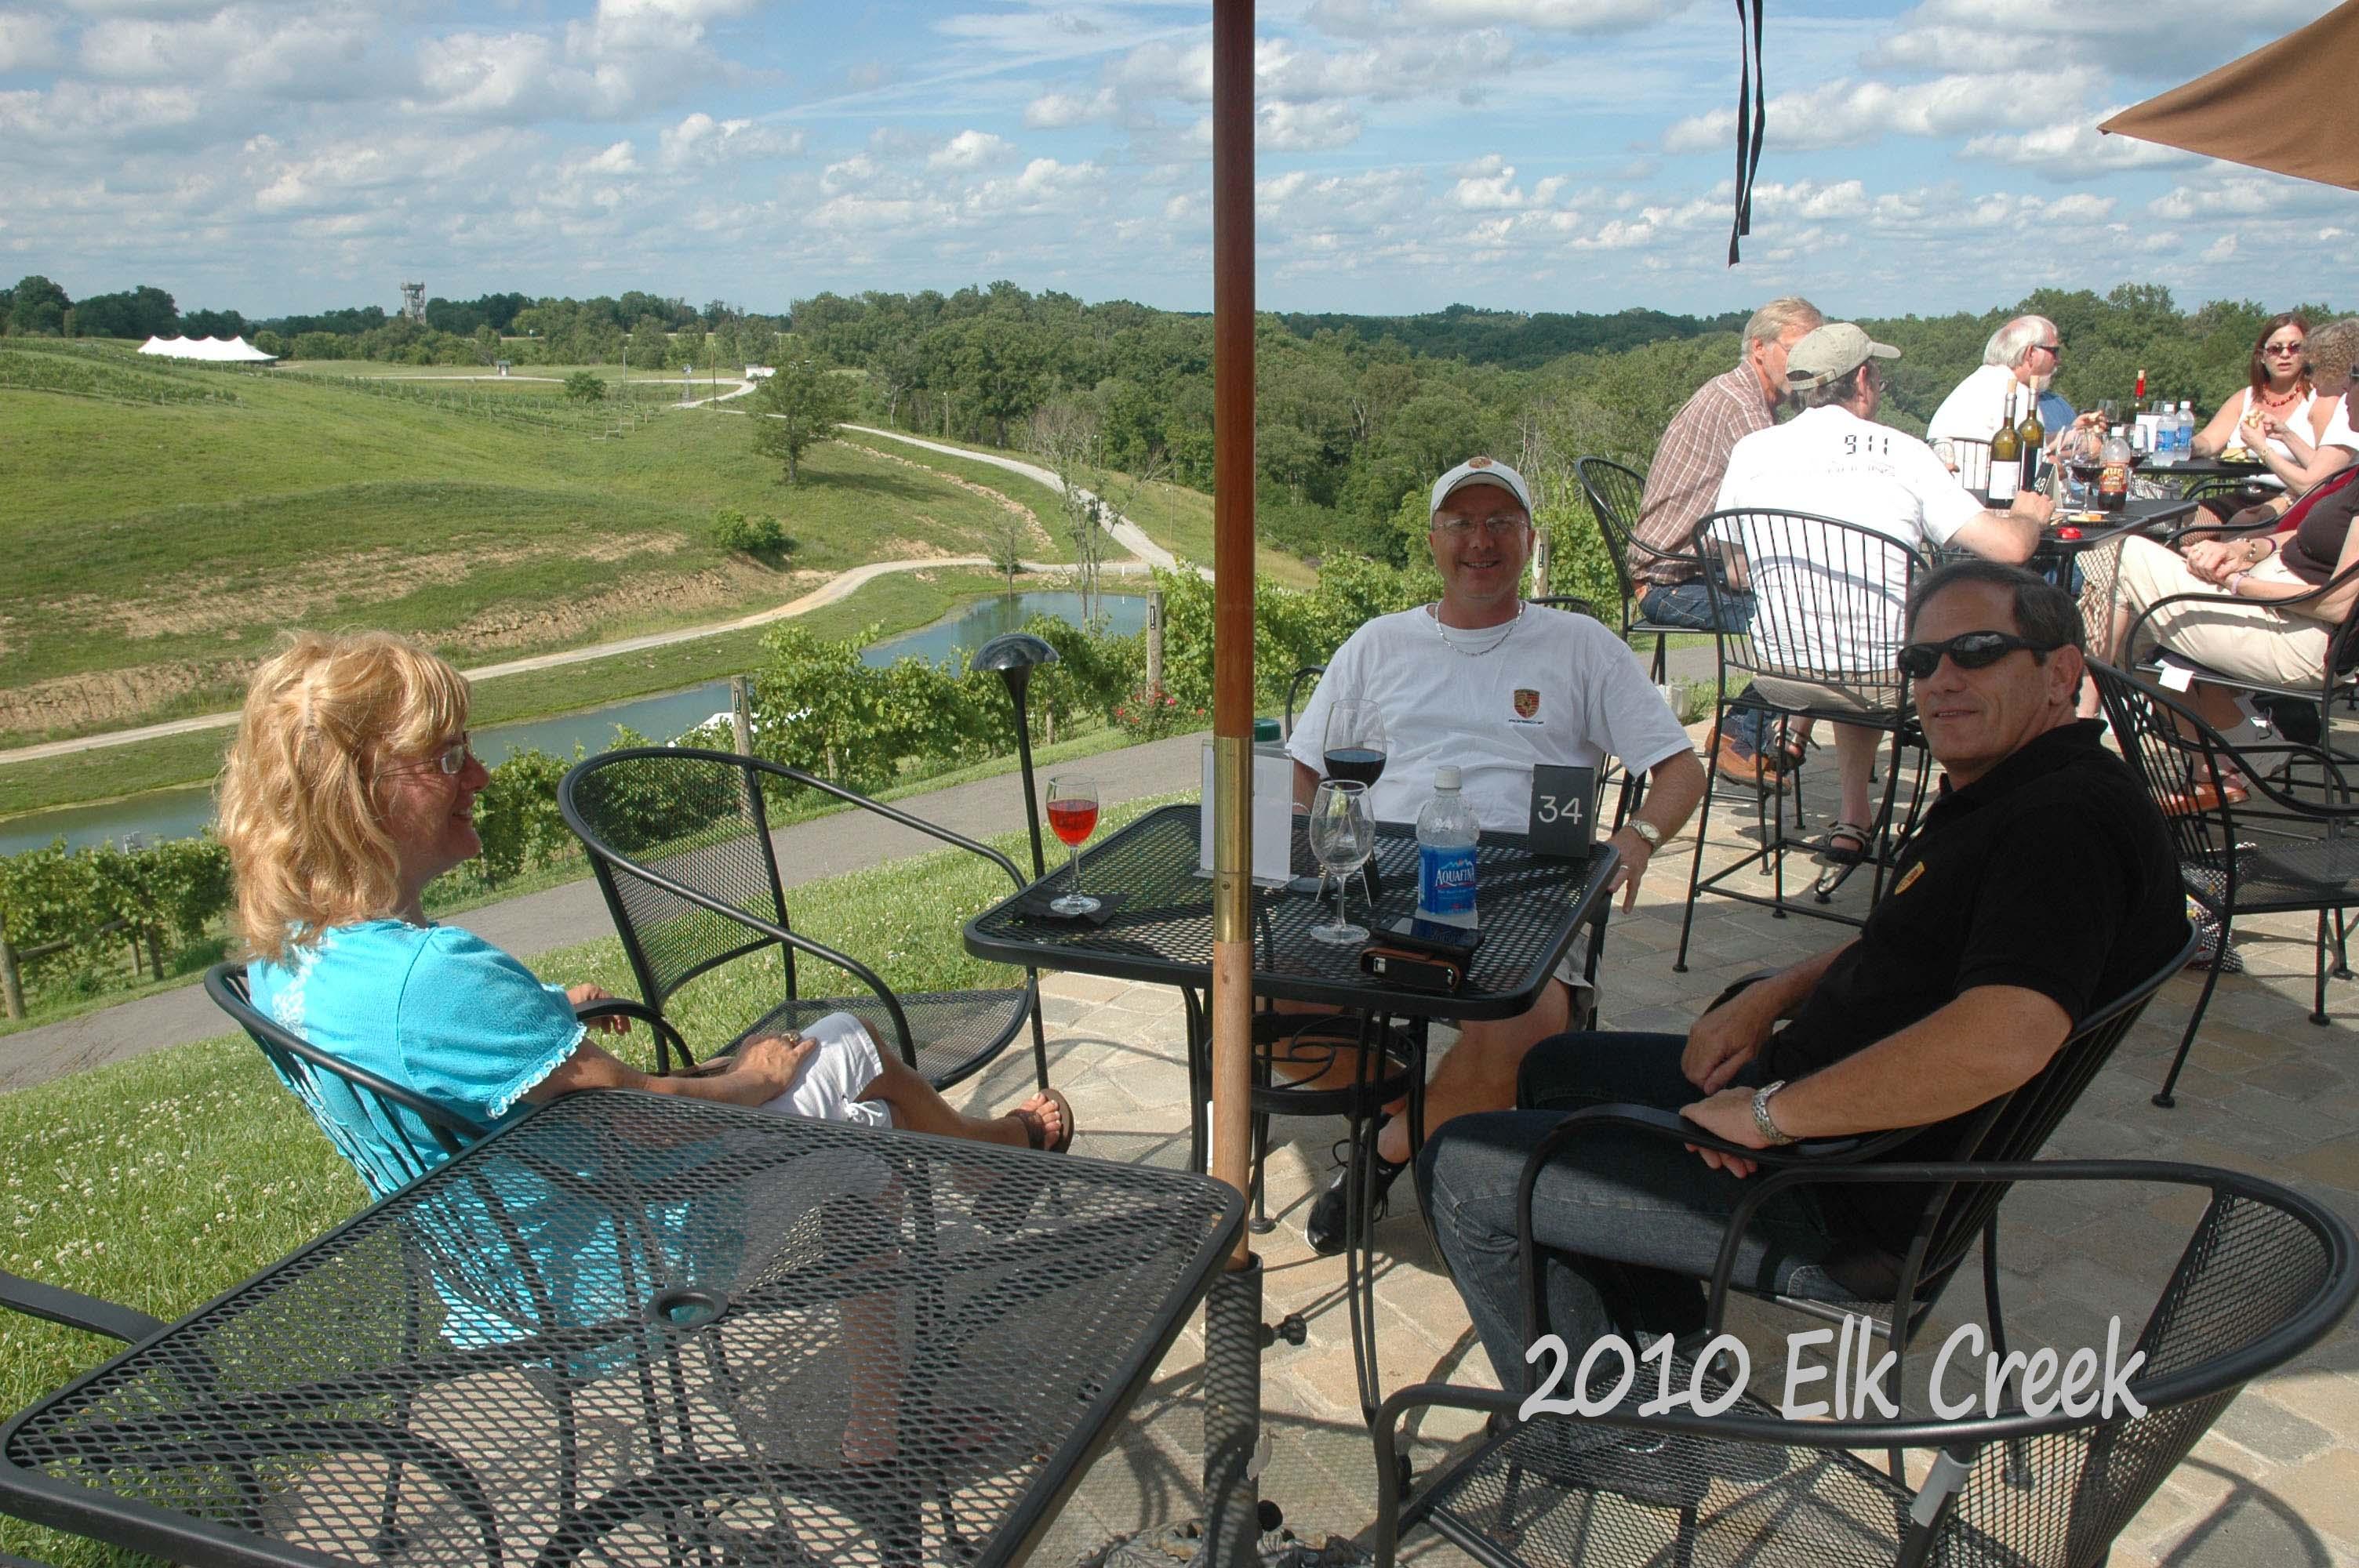 2010-Elk-Creek-00-DSC_7196